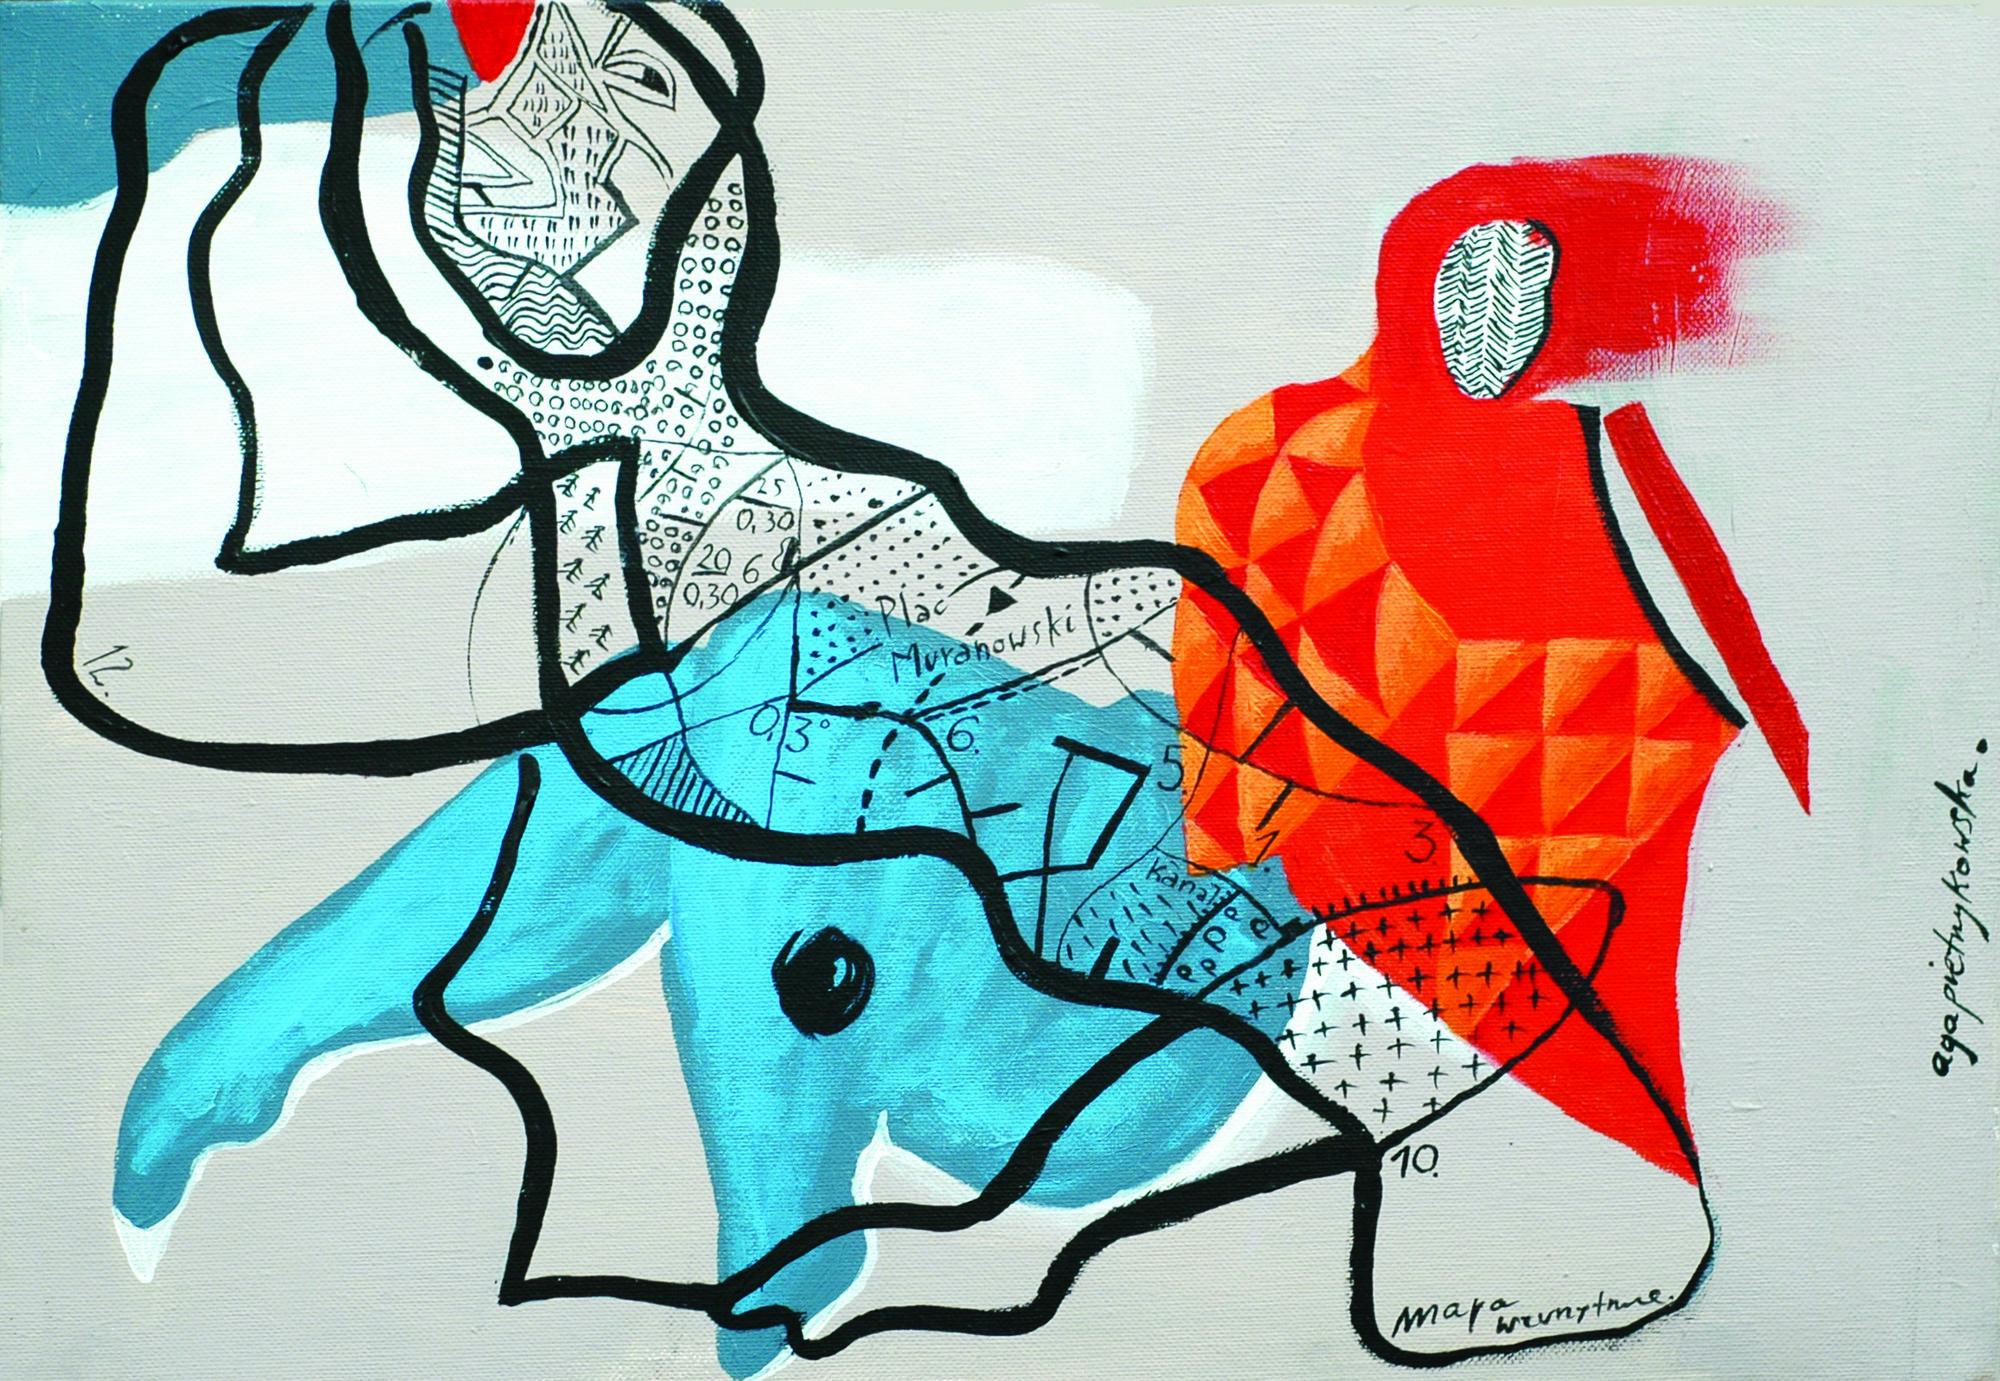 """Agnieszka Pietrzykowska, """"Mapa życia"""", 2014, akryl, olej, tusz, 30x40 cm (źródło: materiały prasowe)"""